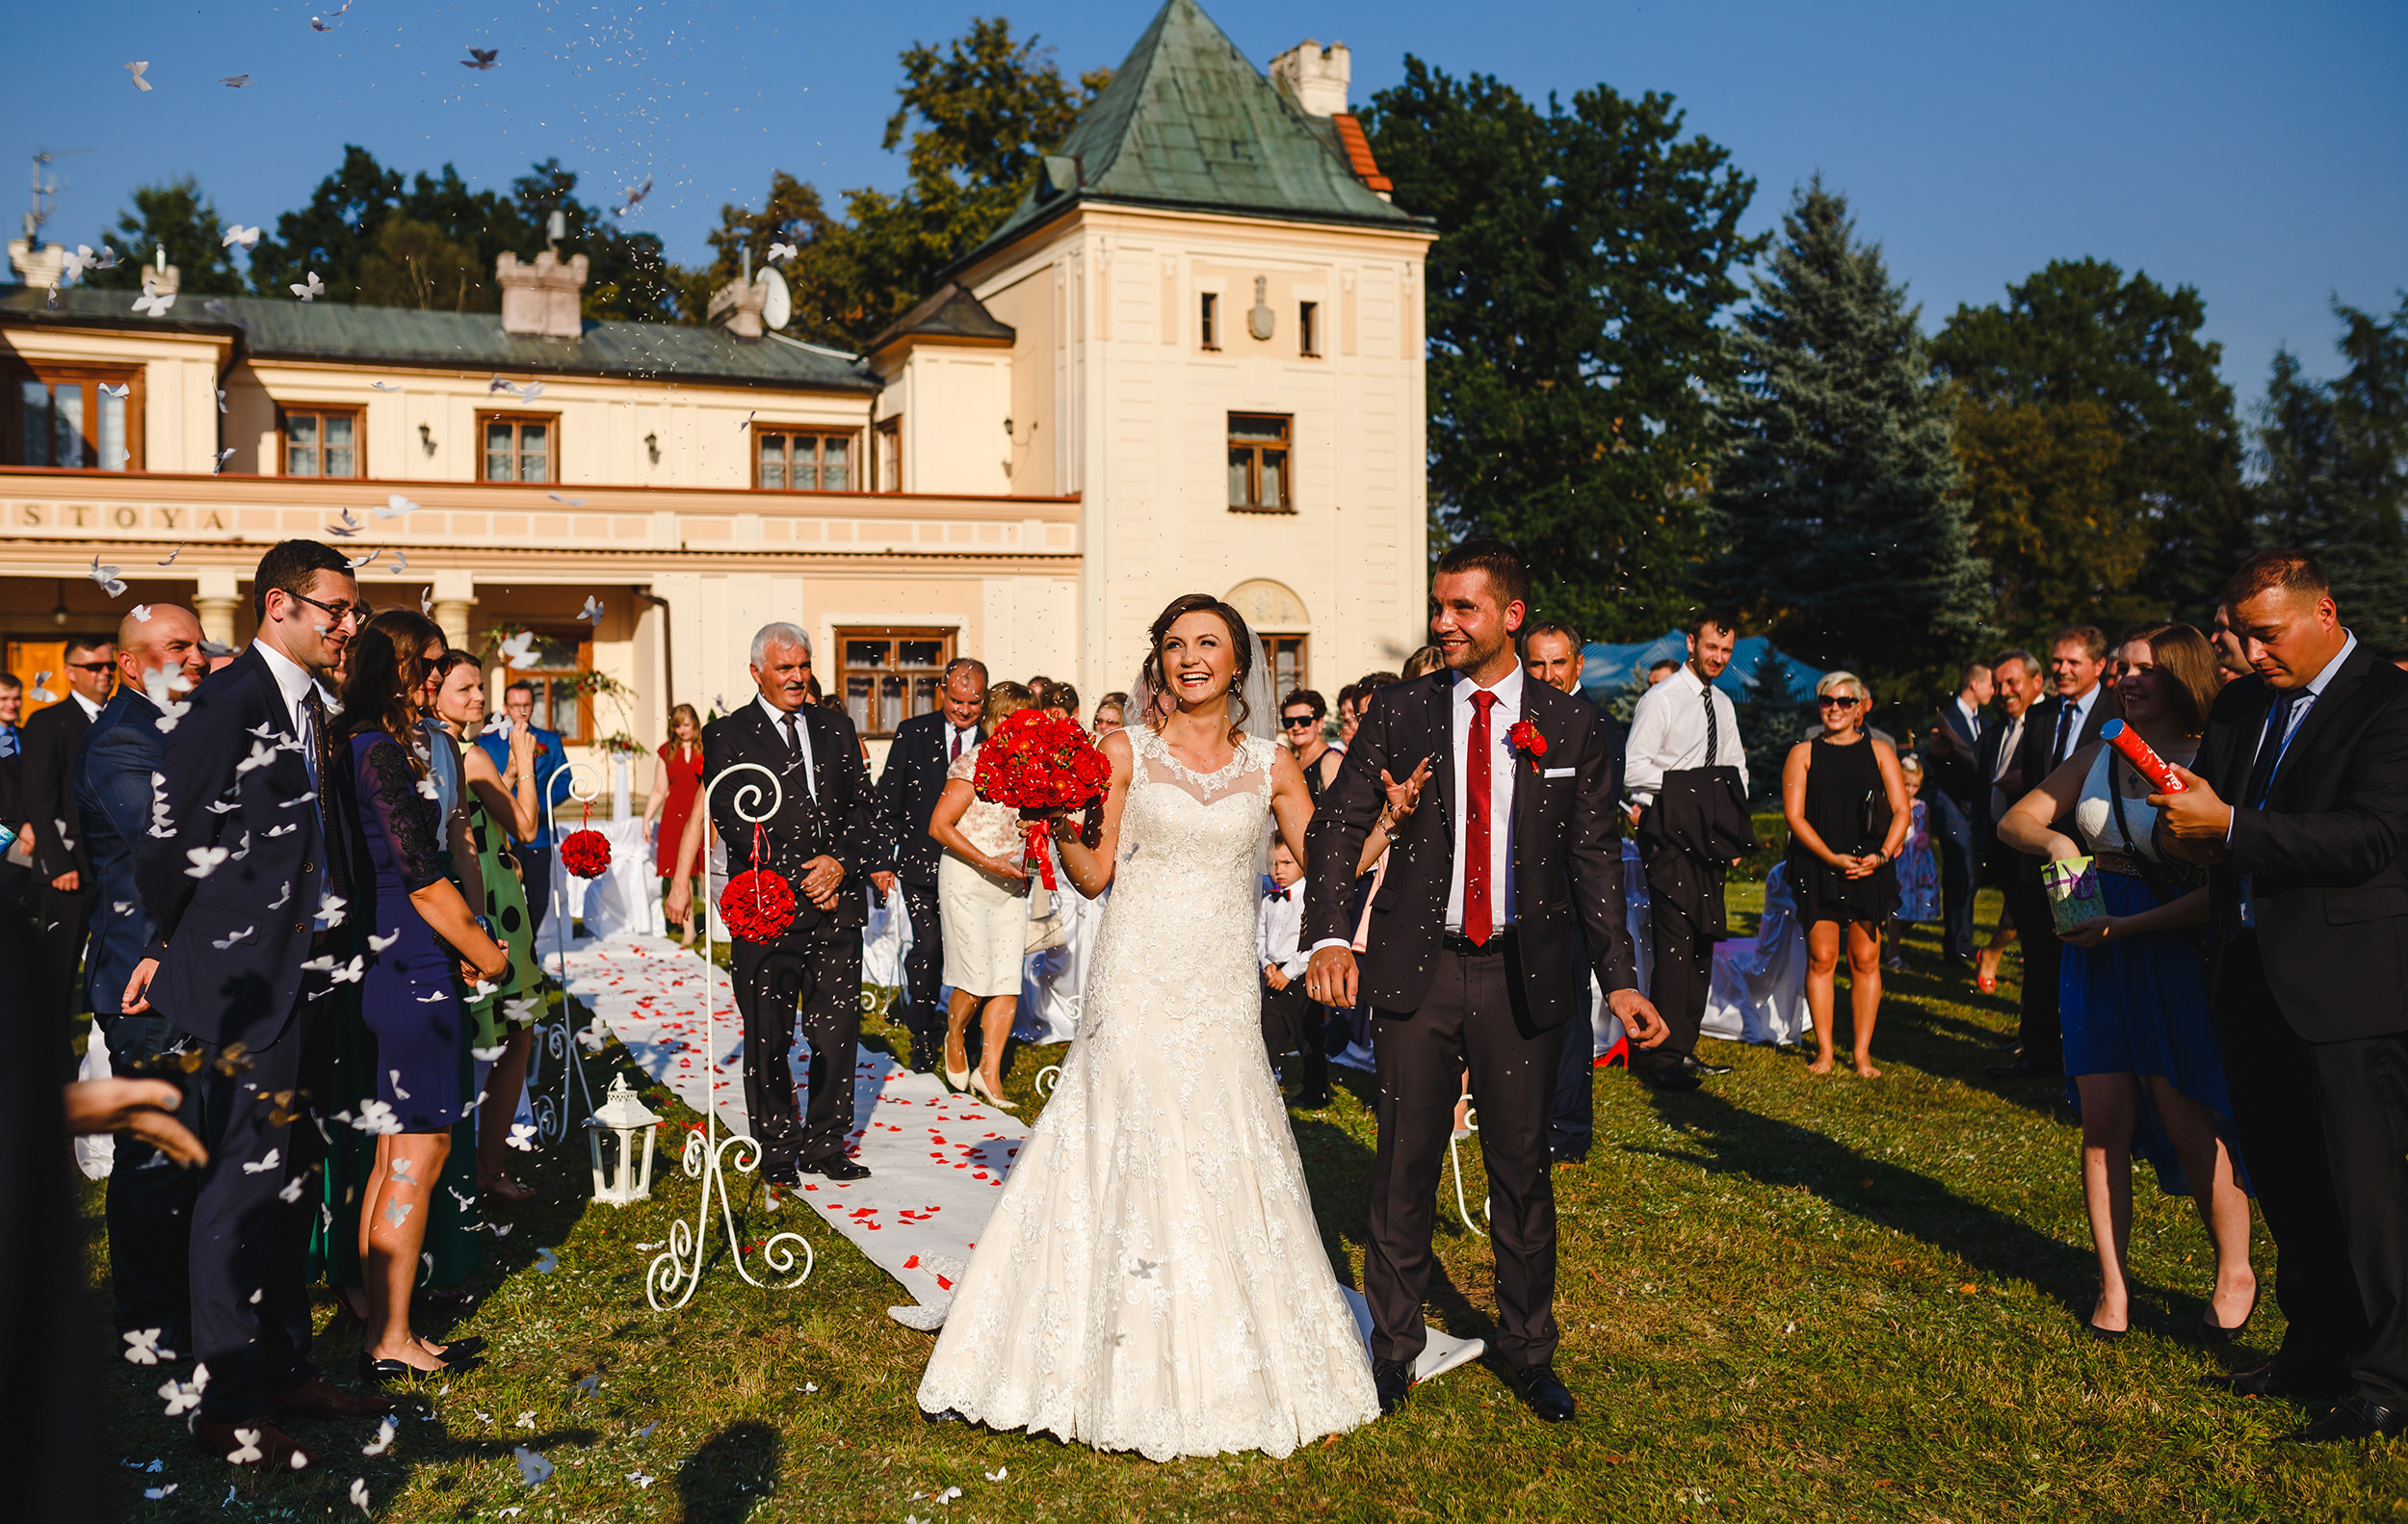 fotograf slub rzeszow - Katarzyna i Adrian / Fotografia ślubna Rzeszów / Ślub w plenerze